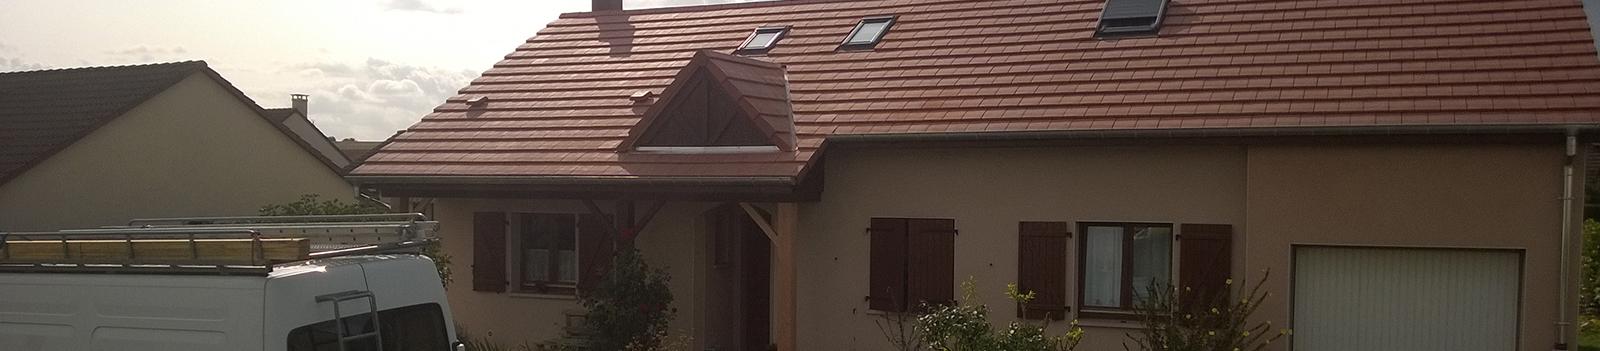 La réparation et réfection de la toiture